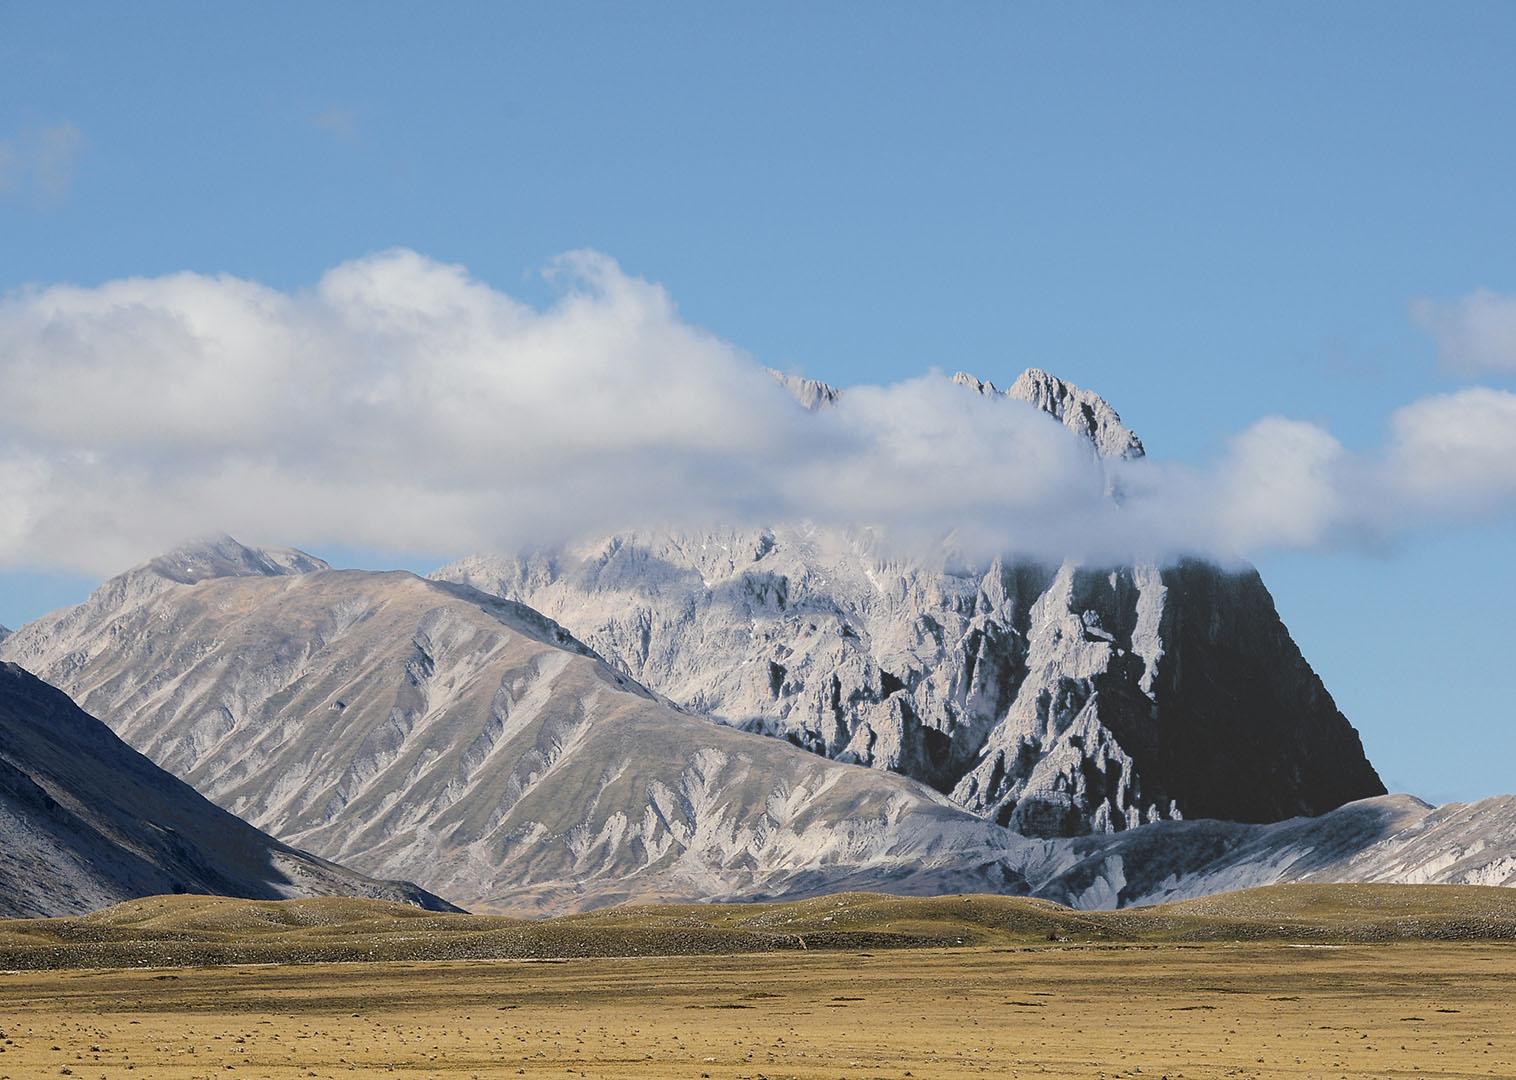 Mountains_064_I08-9.74